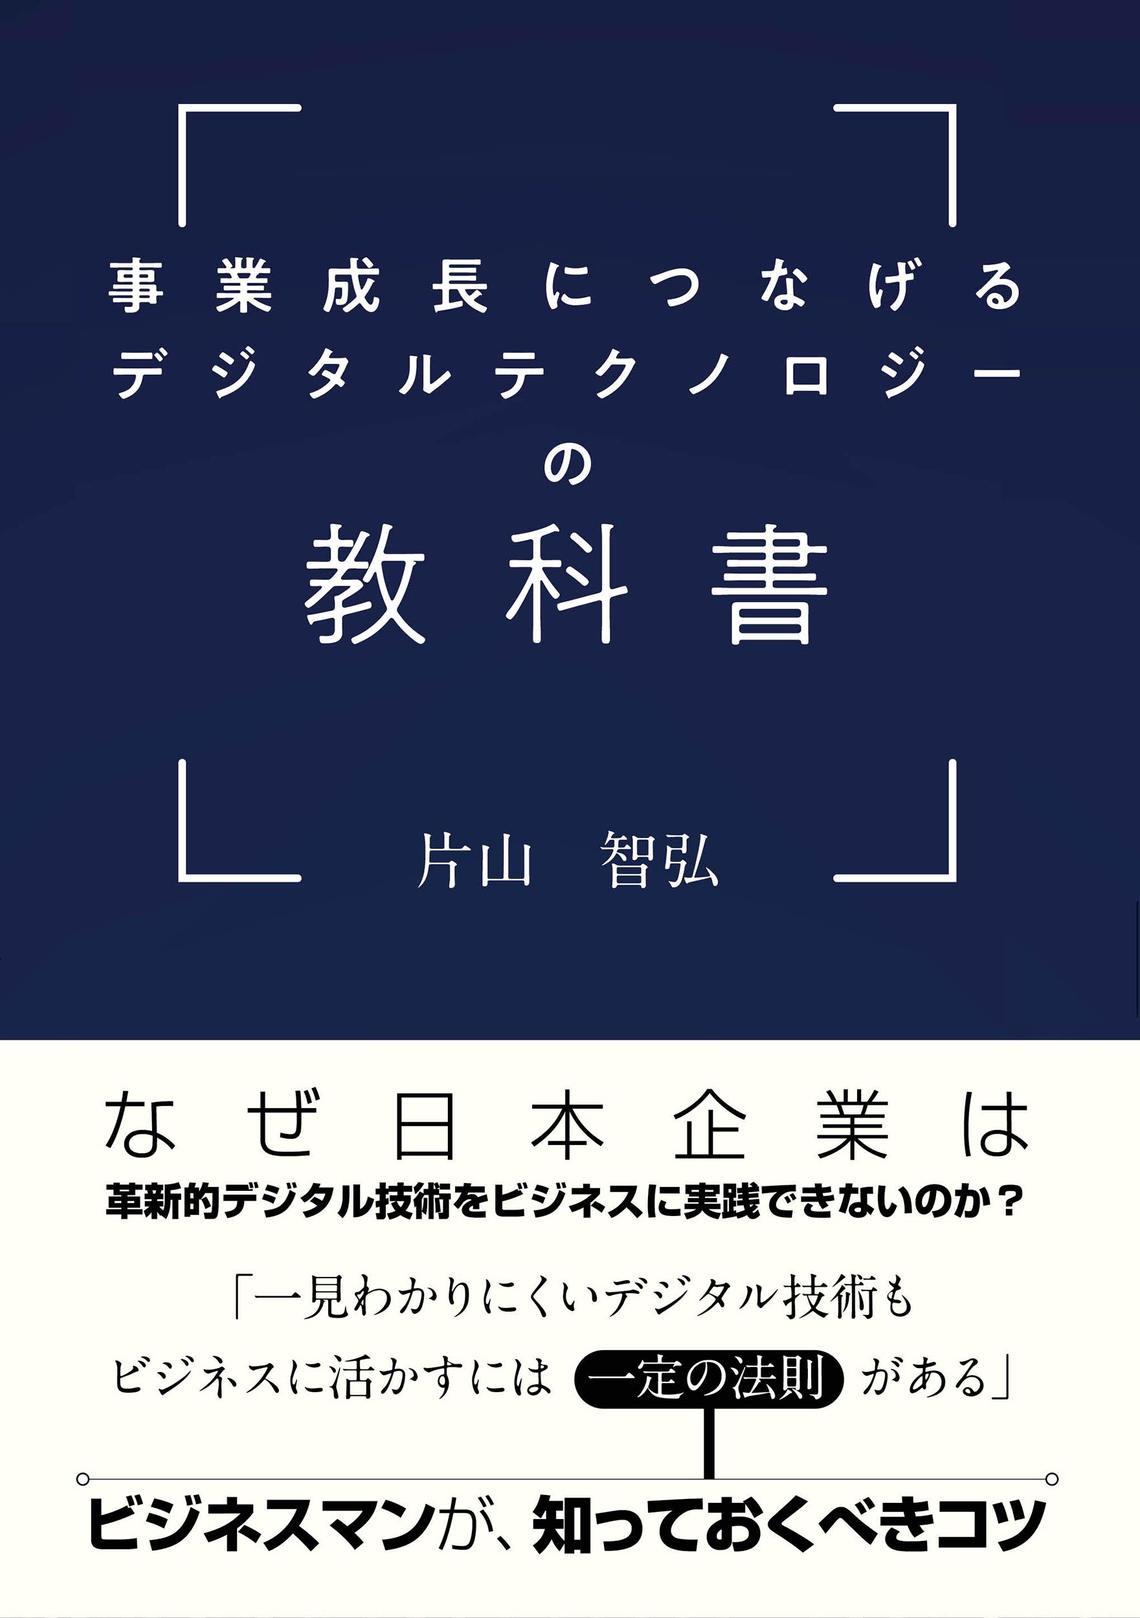 電通のシニア・ビジネス・ブロデューサーであり、セガ エックスディーの取締役執行役員 CSOを務める片山智弘氏の著書「事業成長につなげるデジタルテクノロジーの教科書」(発行:大学教育出版)が3月15日に発売された。